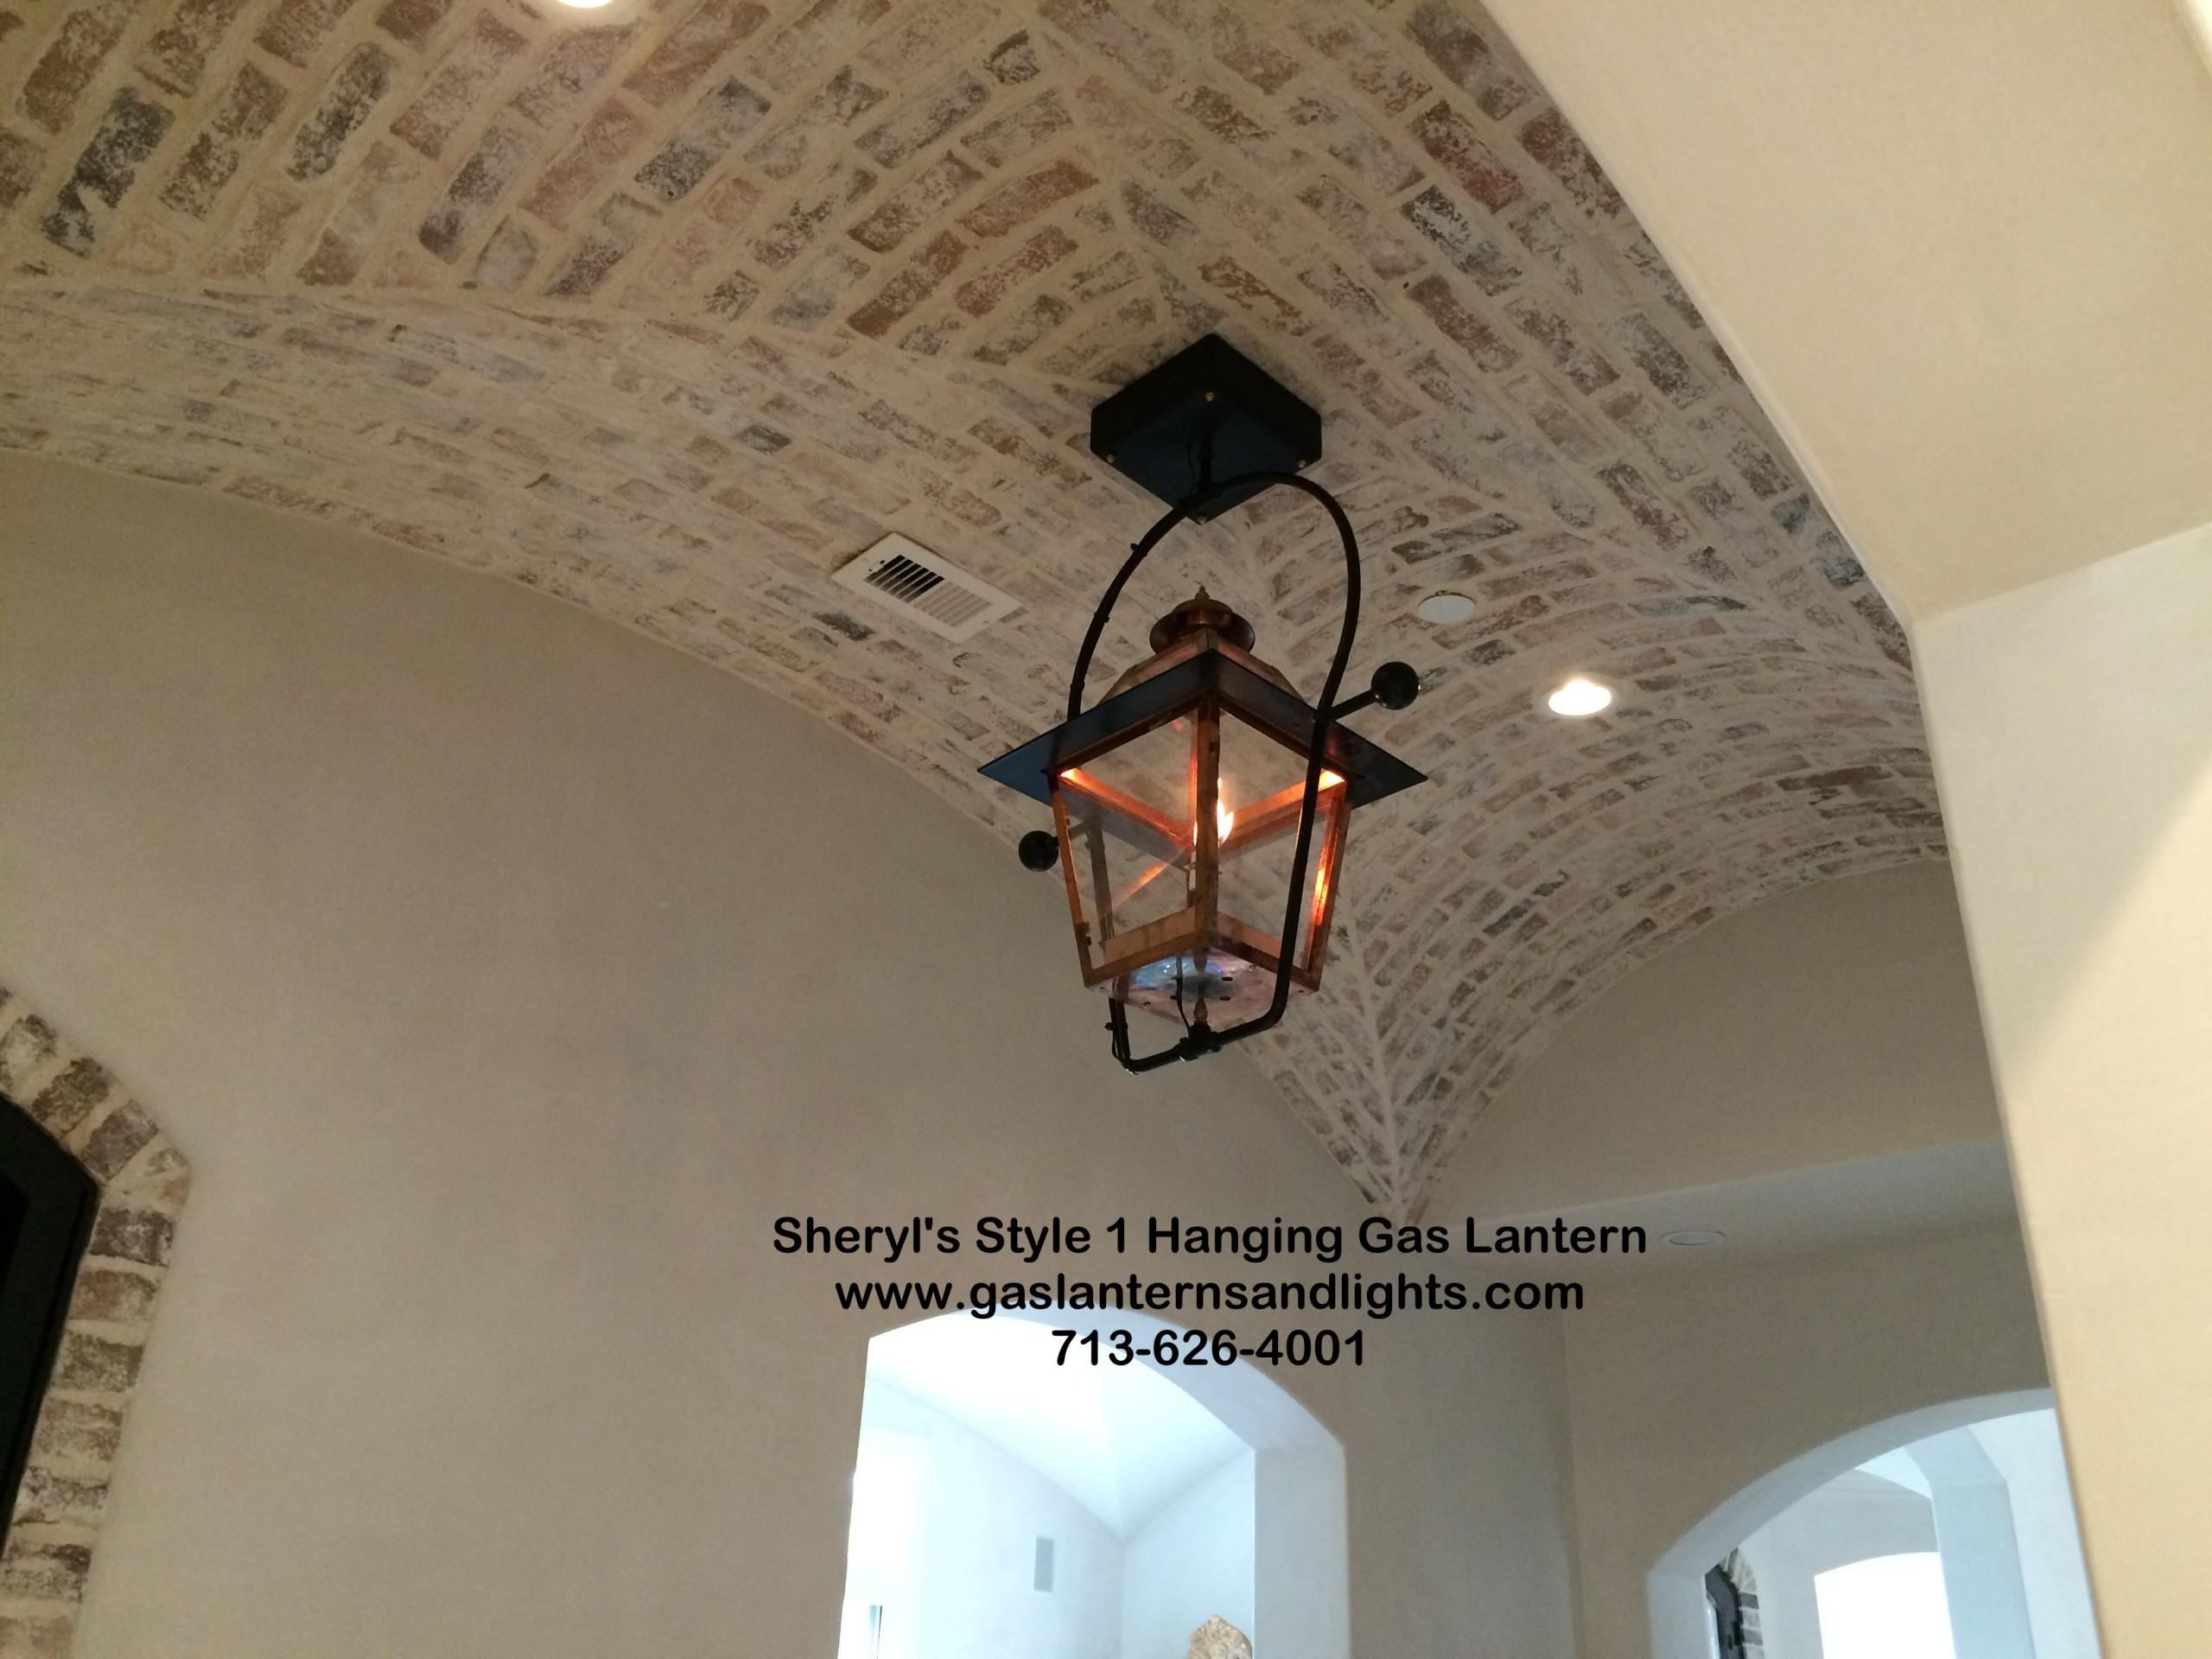 Sheryl's Style 1 Hanging Gas Lantern